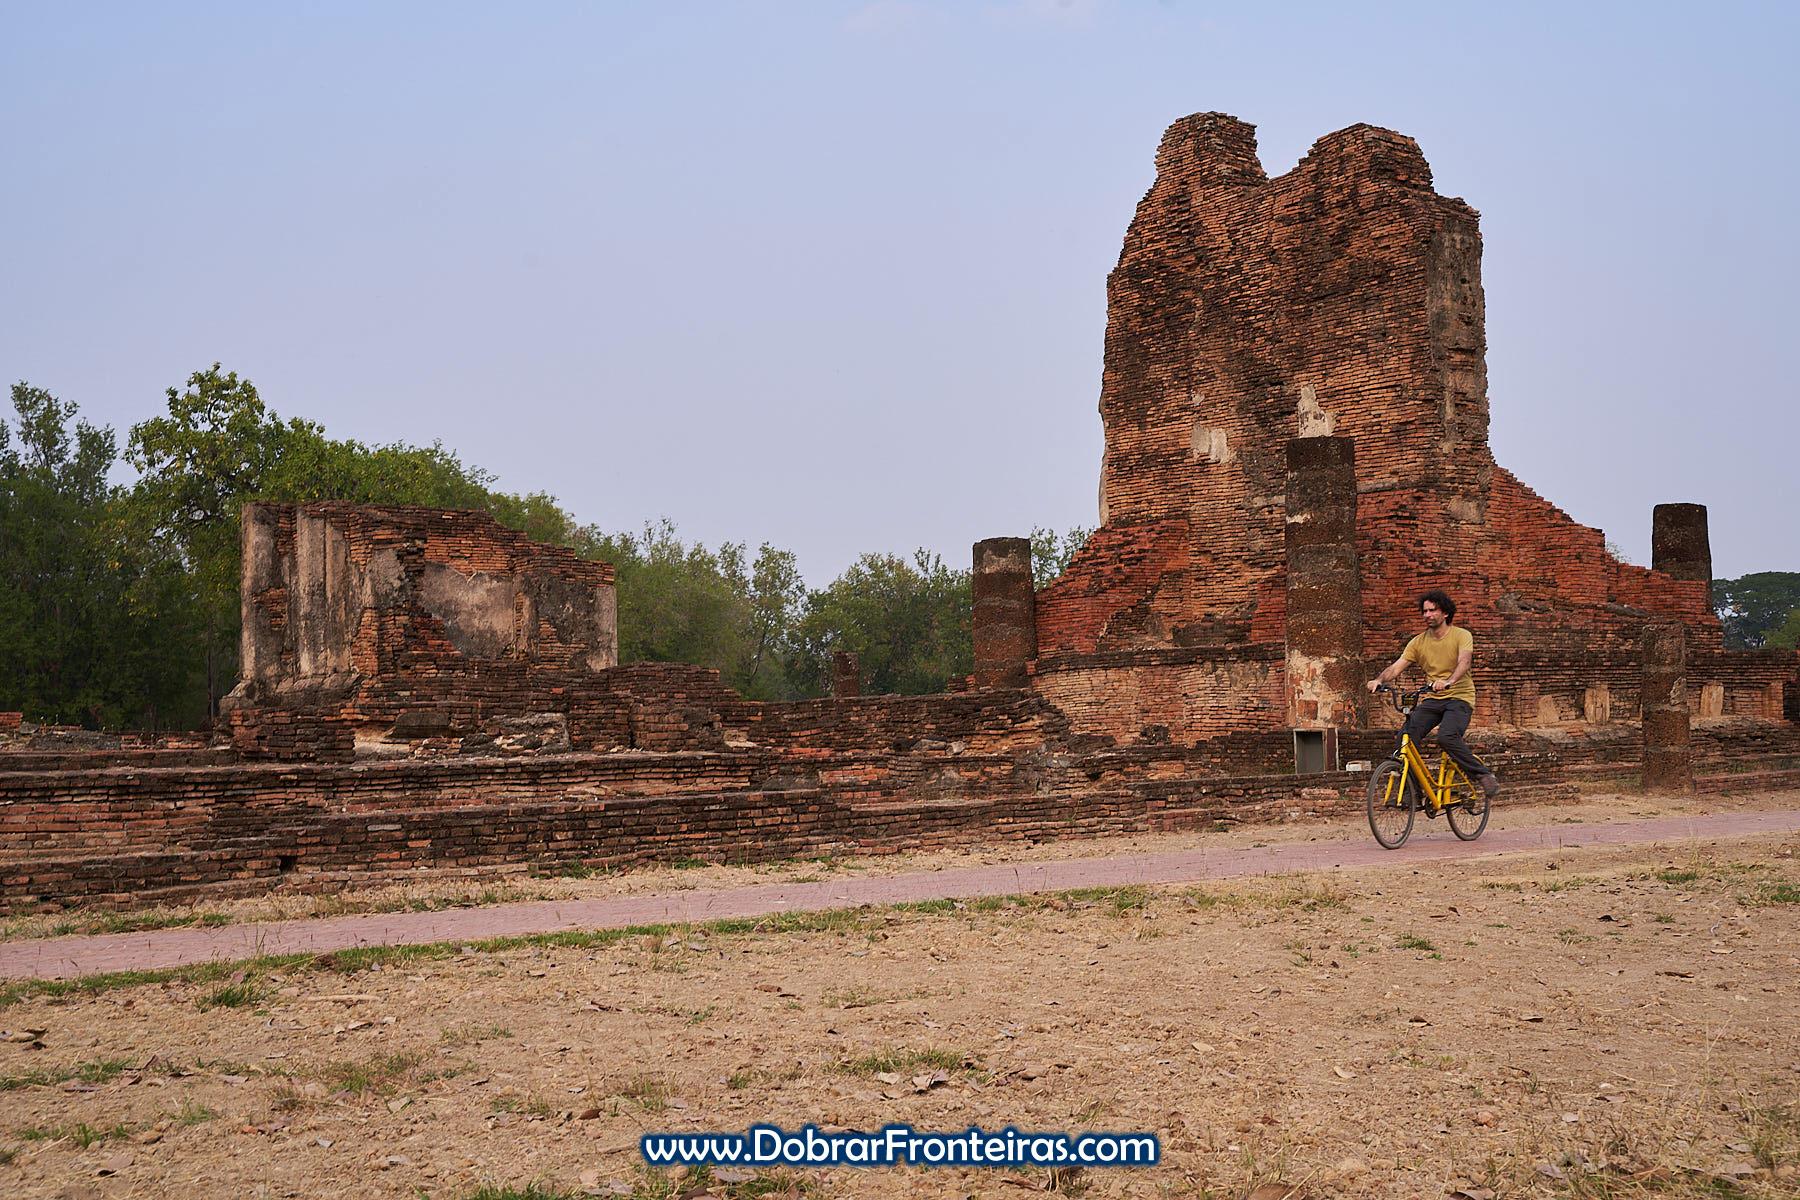 de bicicleta em visita às ruínas de Sukhothai